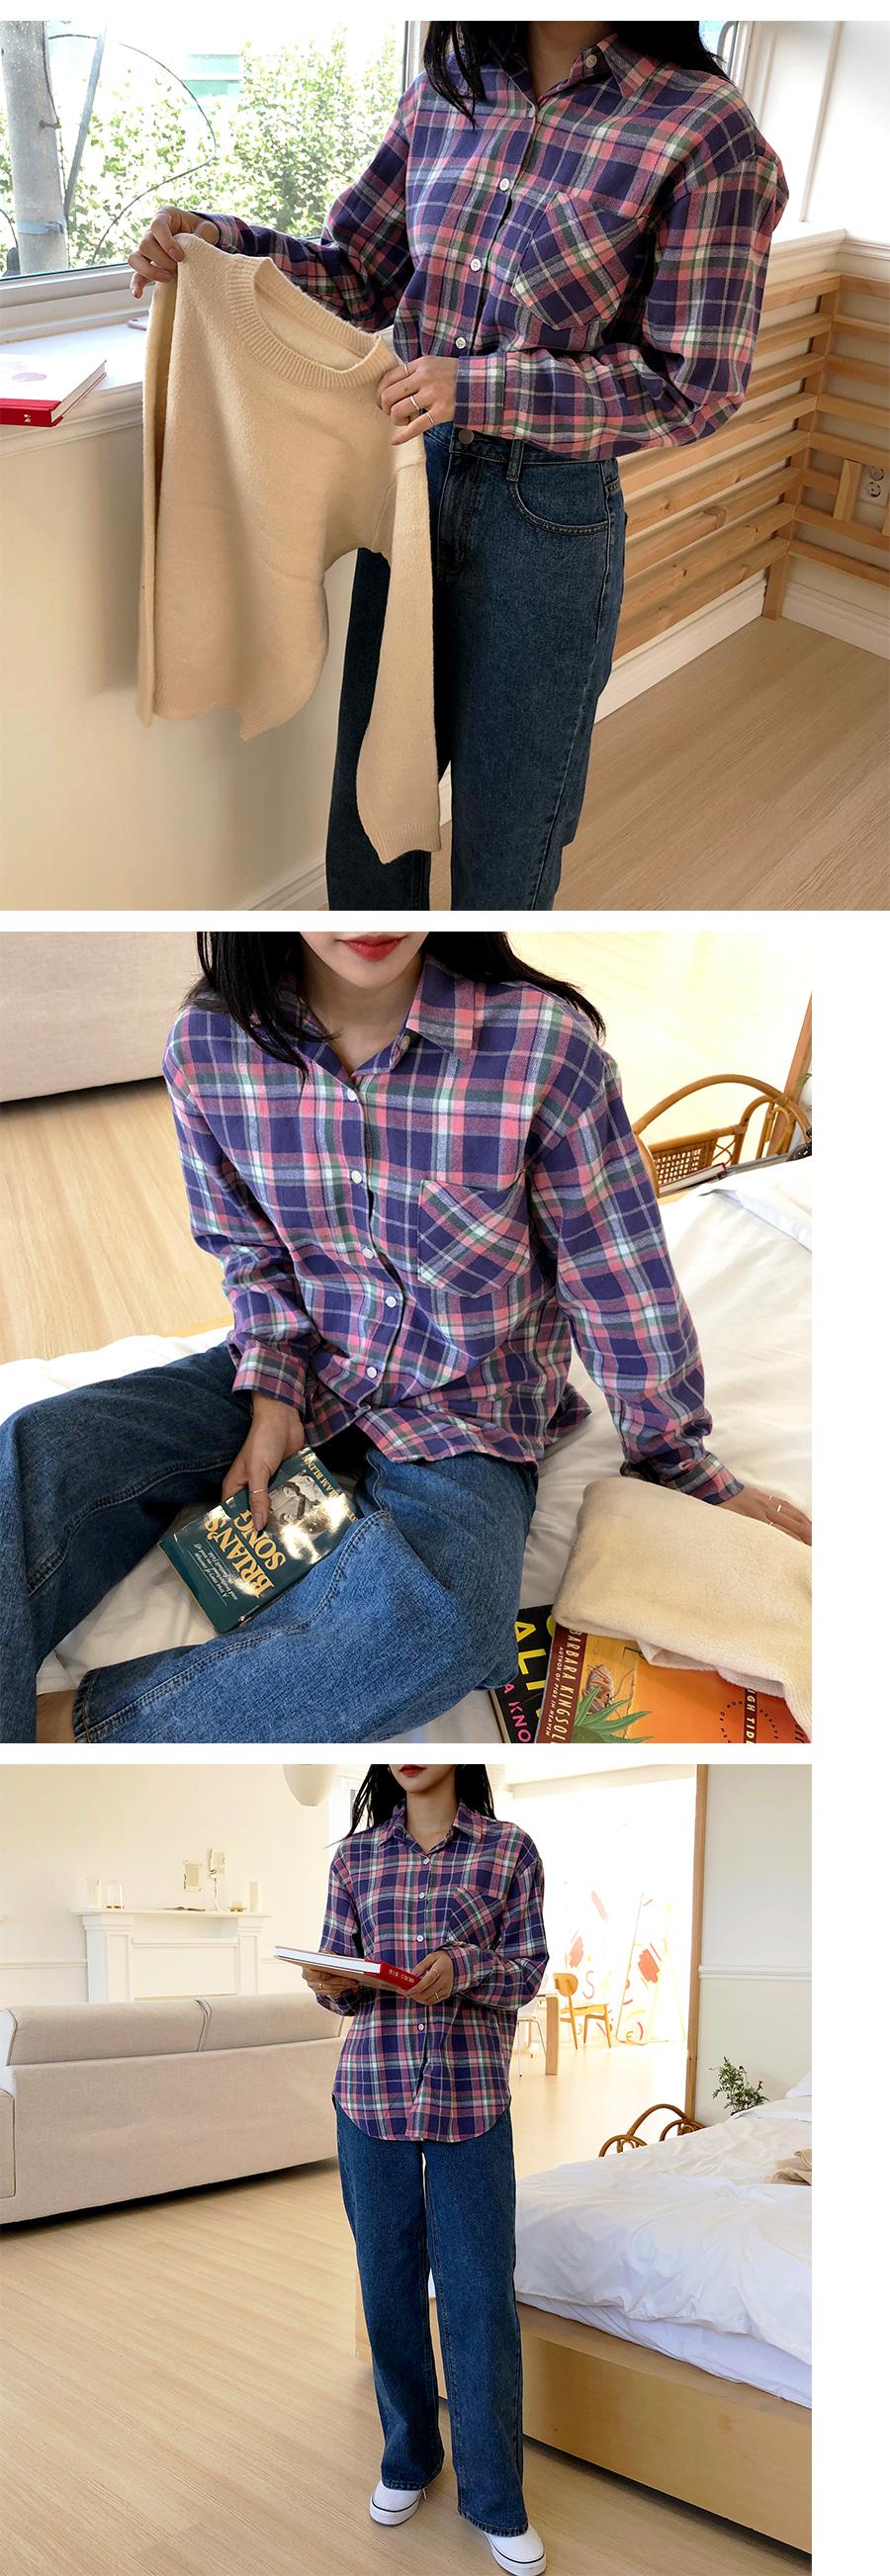 Candy check shirt